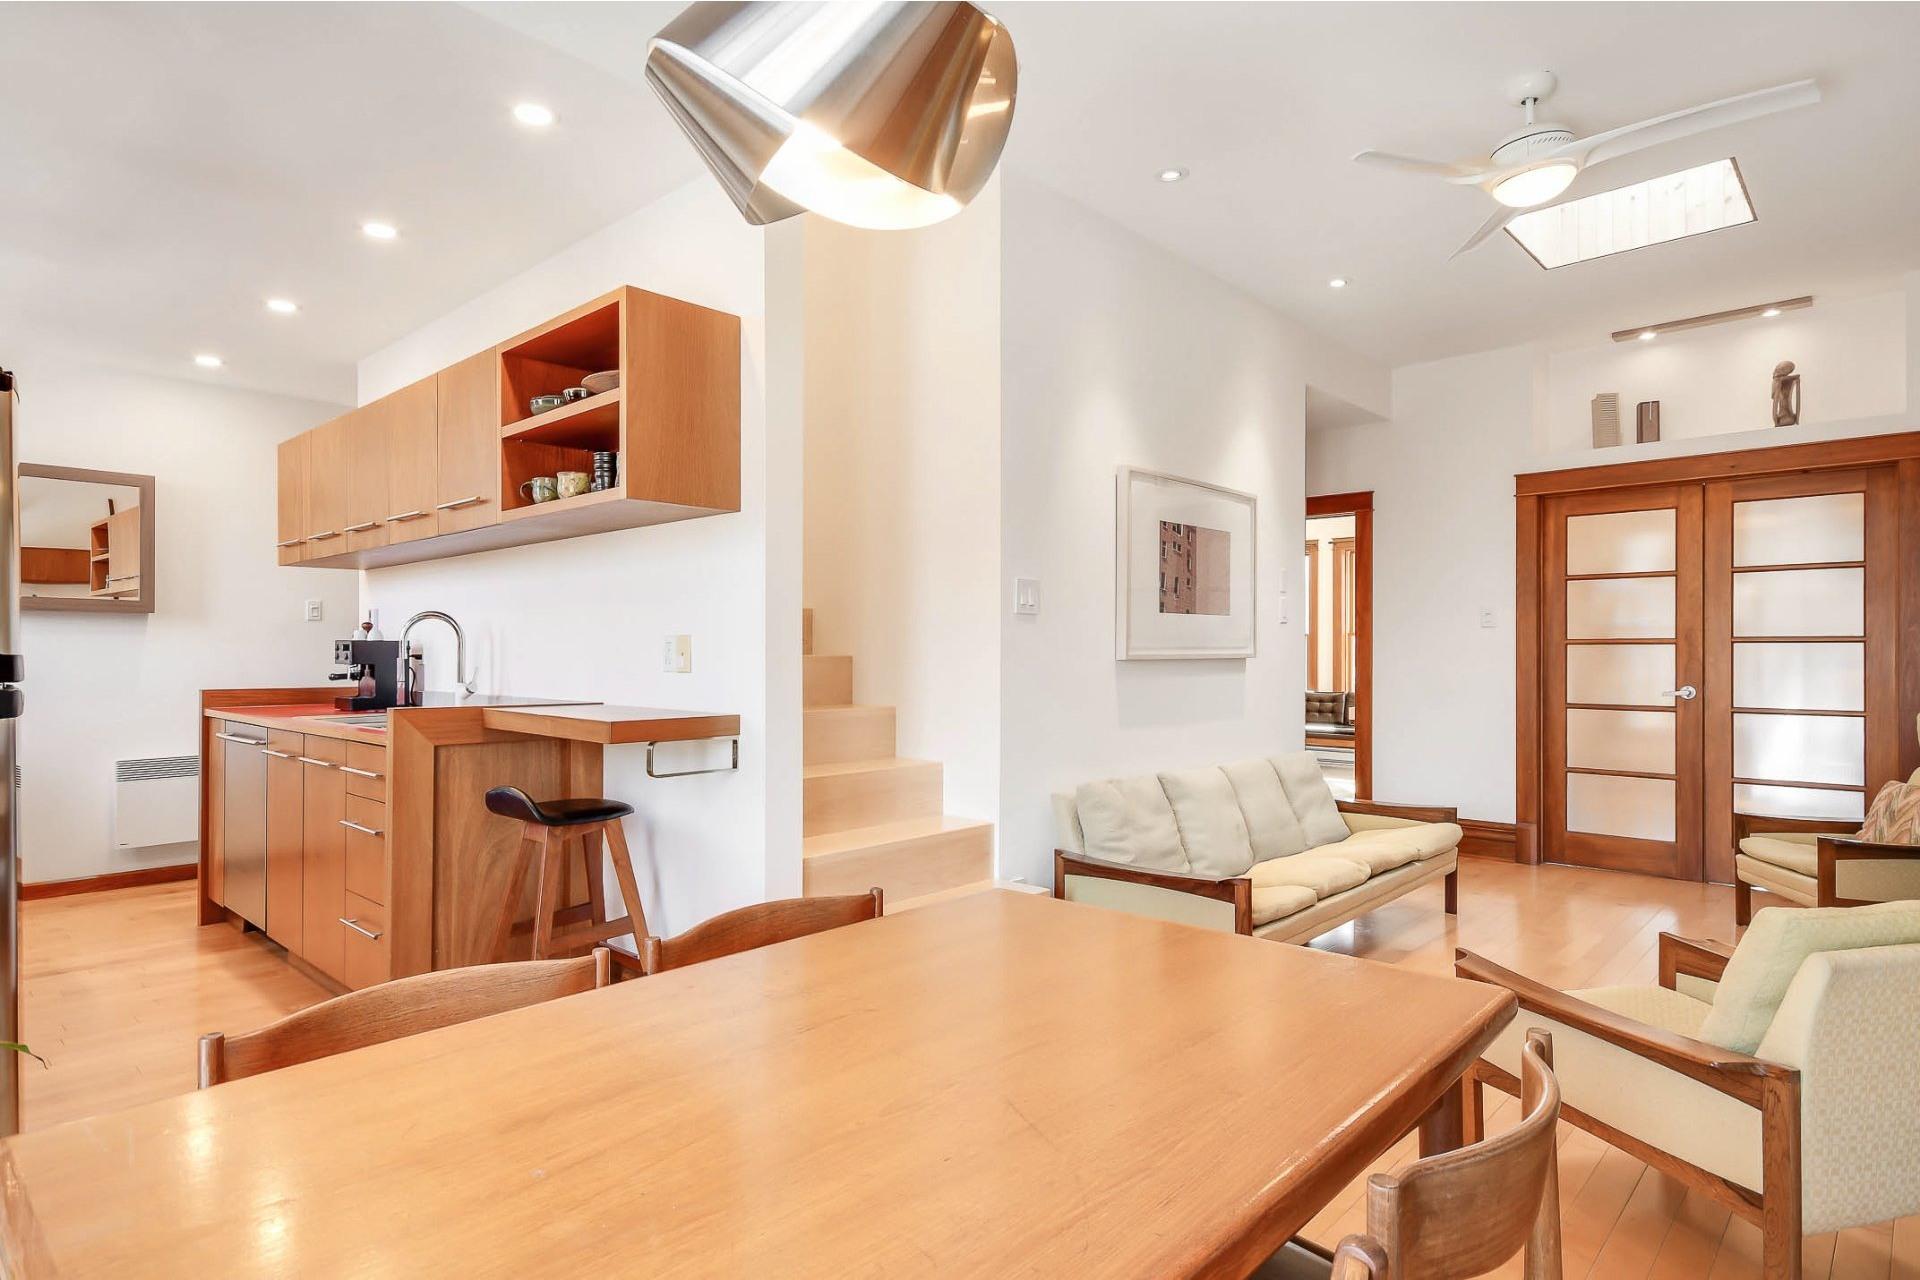 image 6 - Appartement À vendre Le Plateau-Mont-Royal Montréal  - 8 pièces